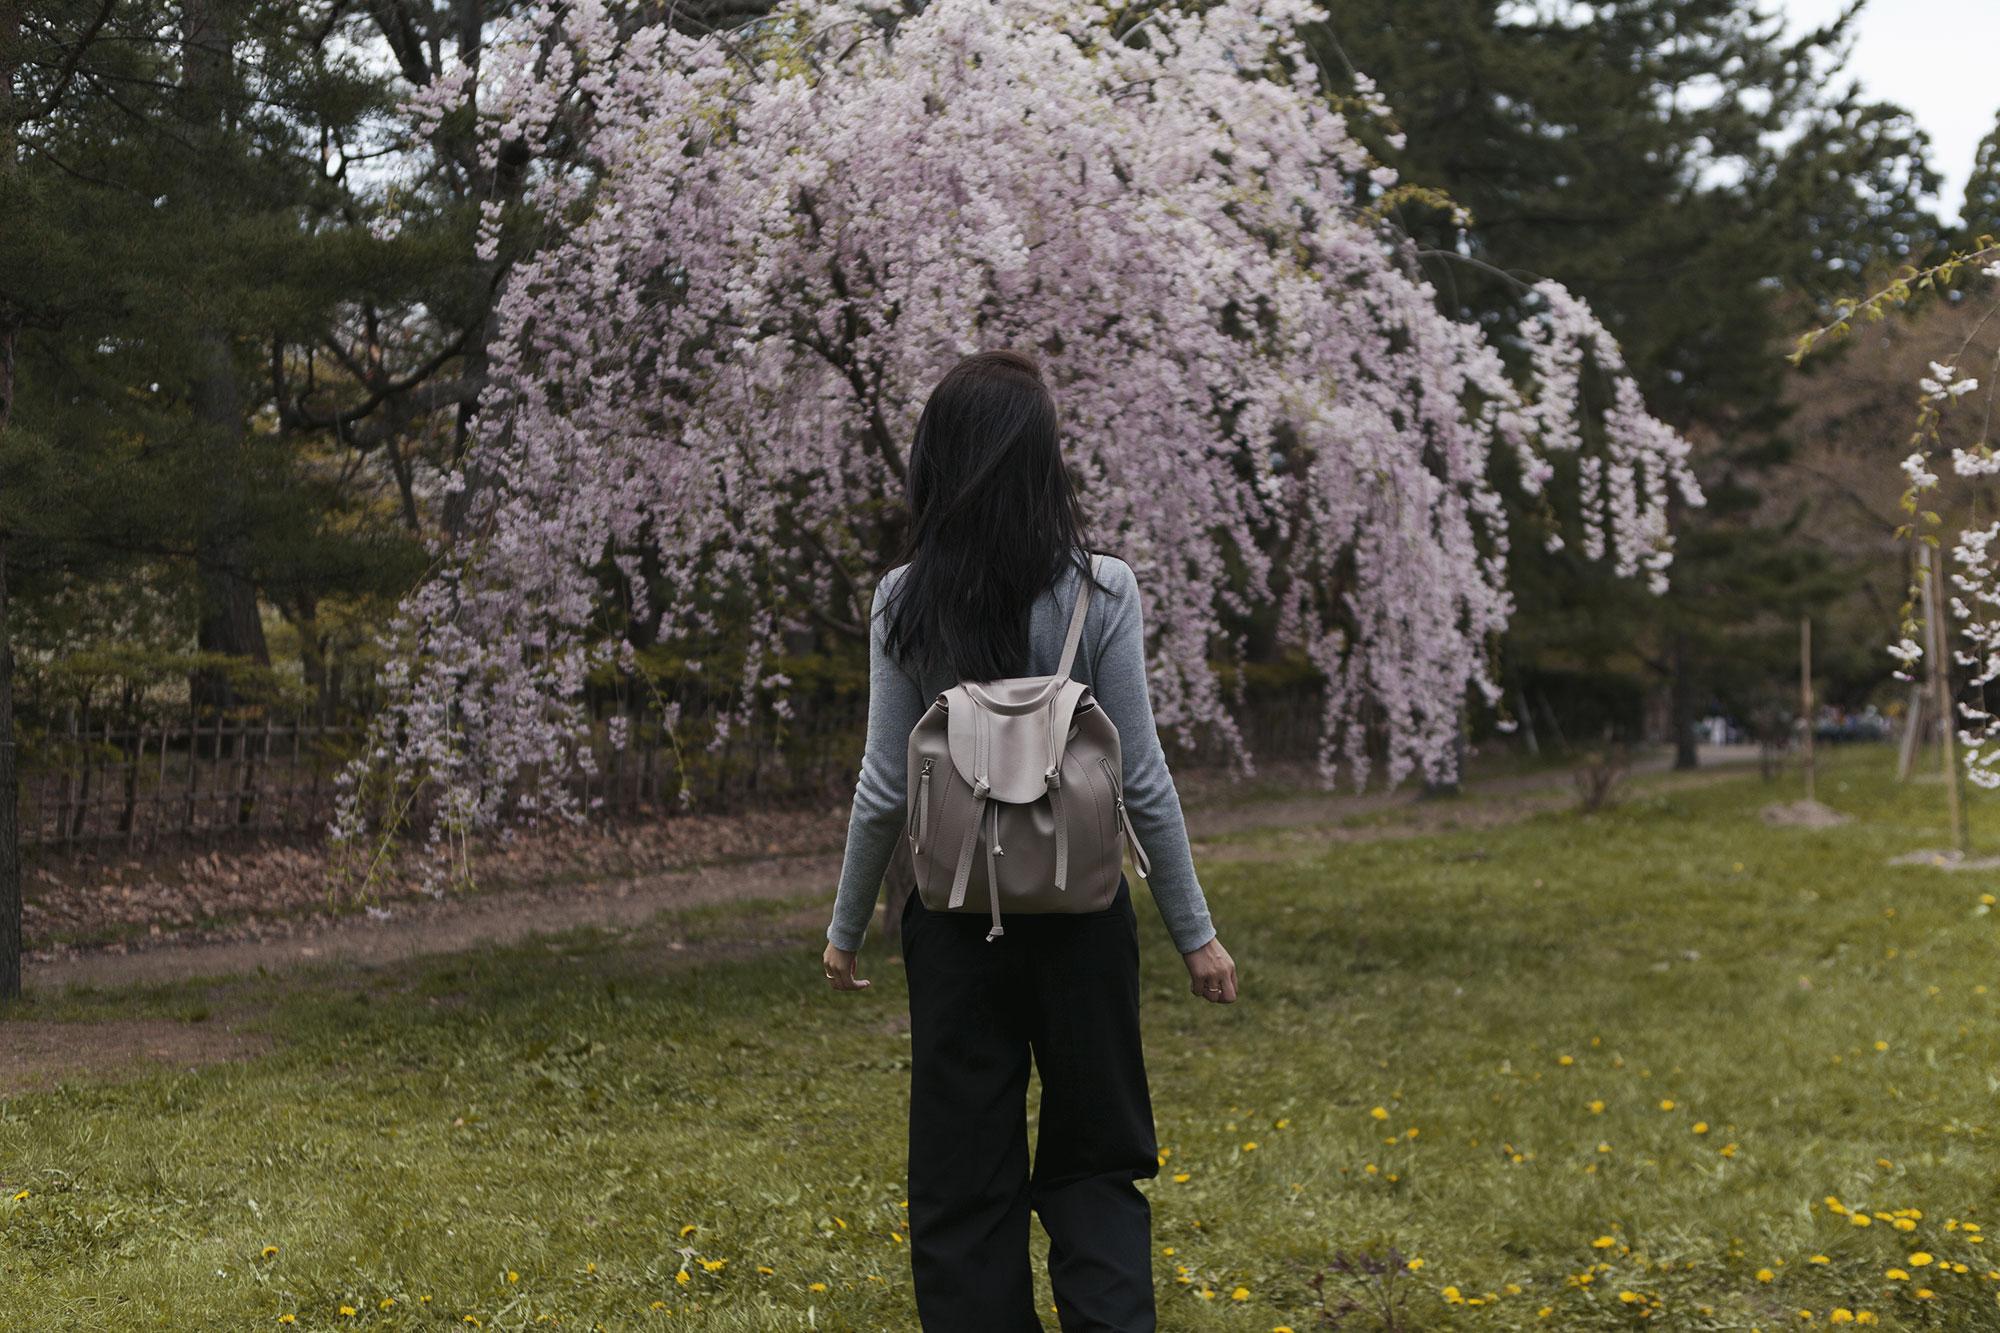 6-things-to-do-aomori-hirosaki-park-jysla-kay.jpg